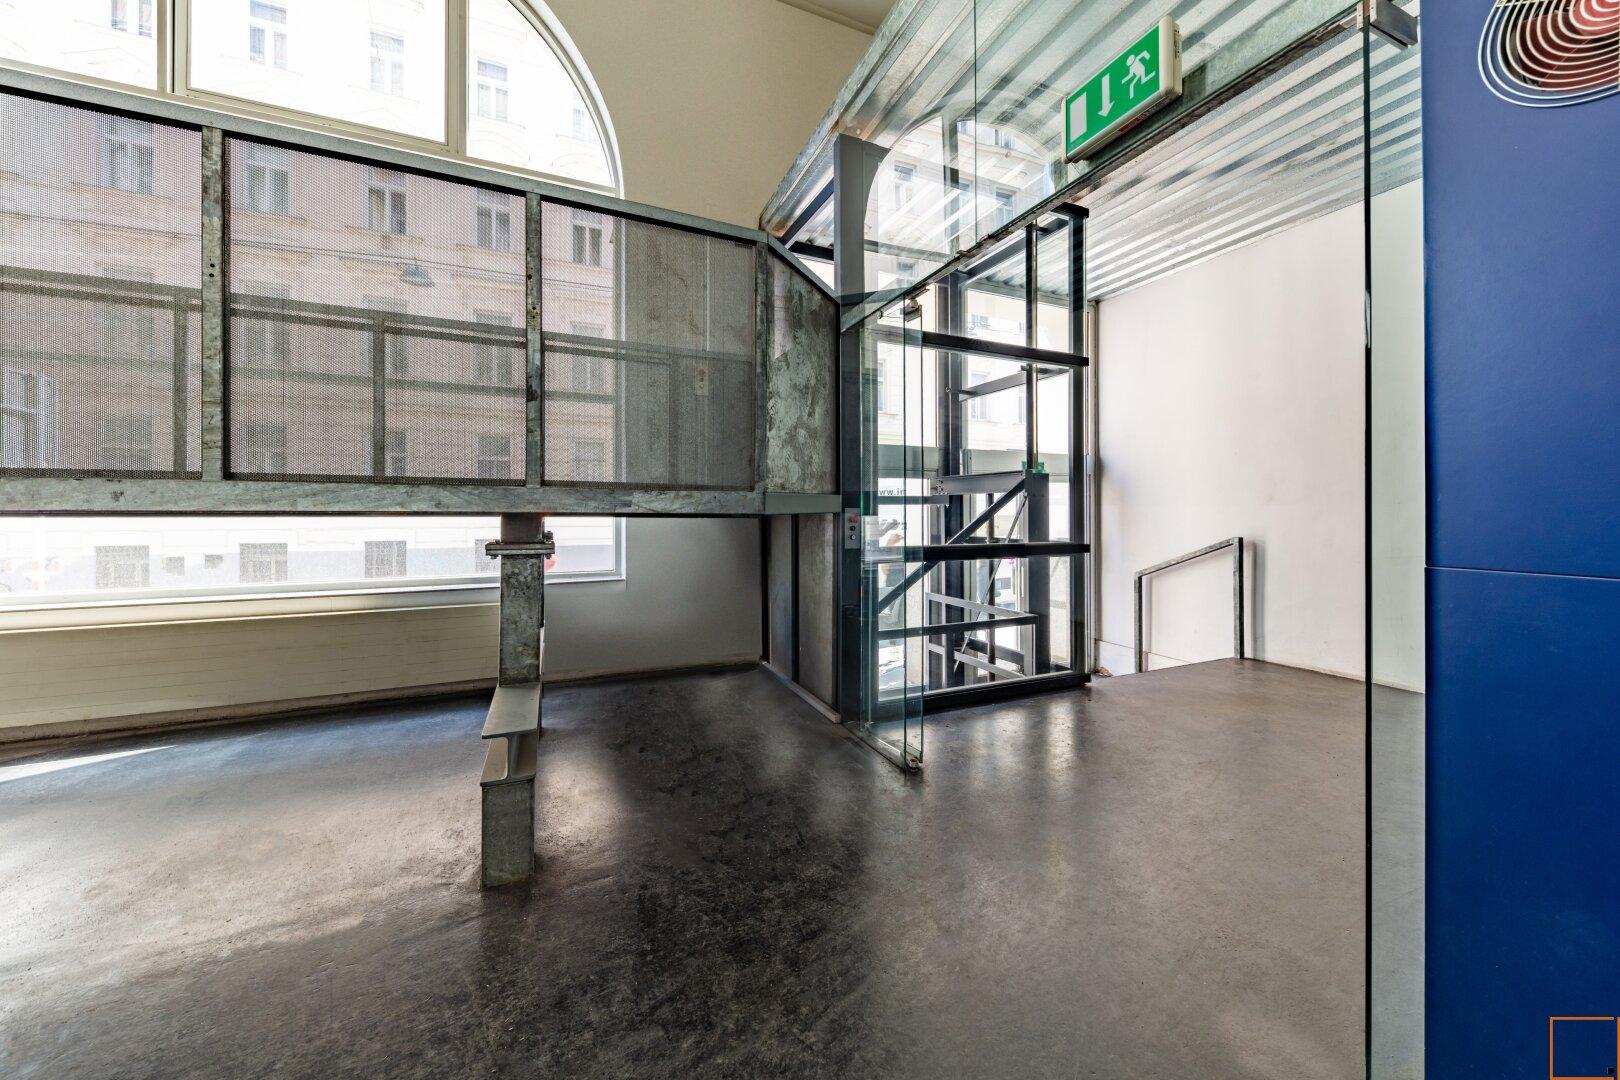 Eingangsbereich mit Metallbrücke und Lastenaufzug